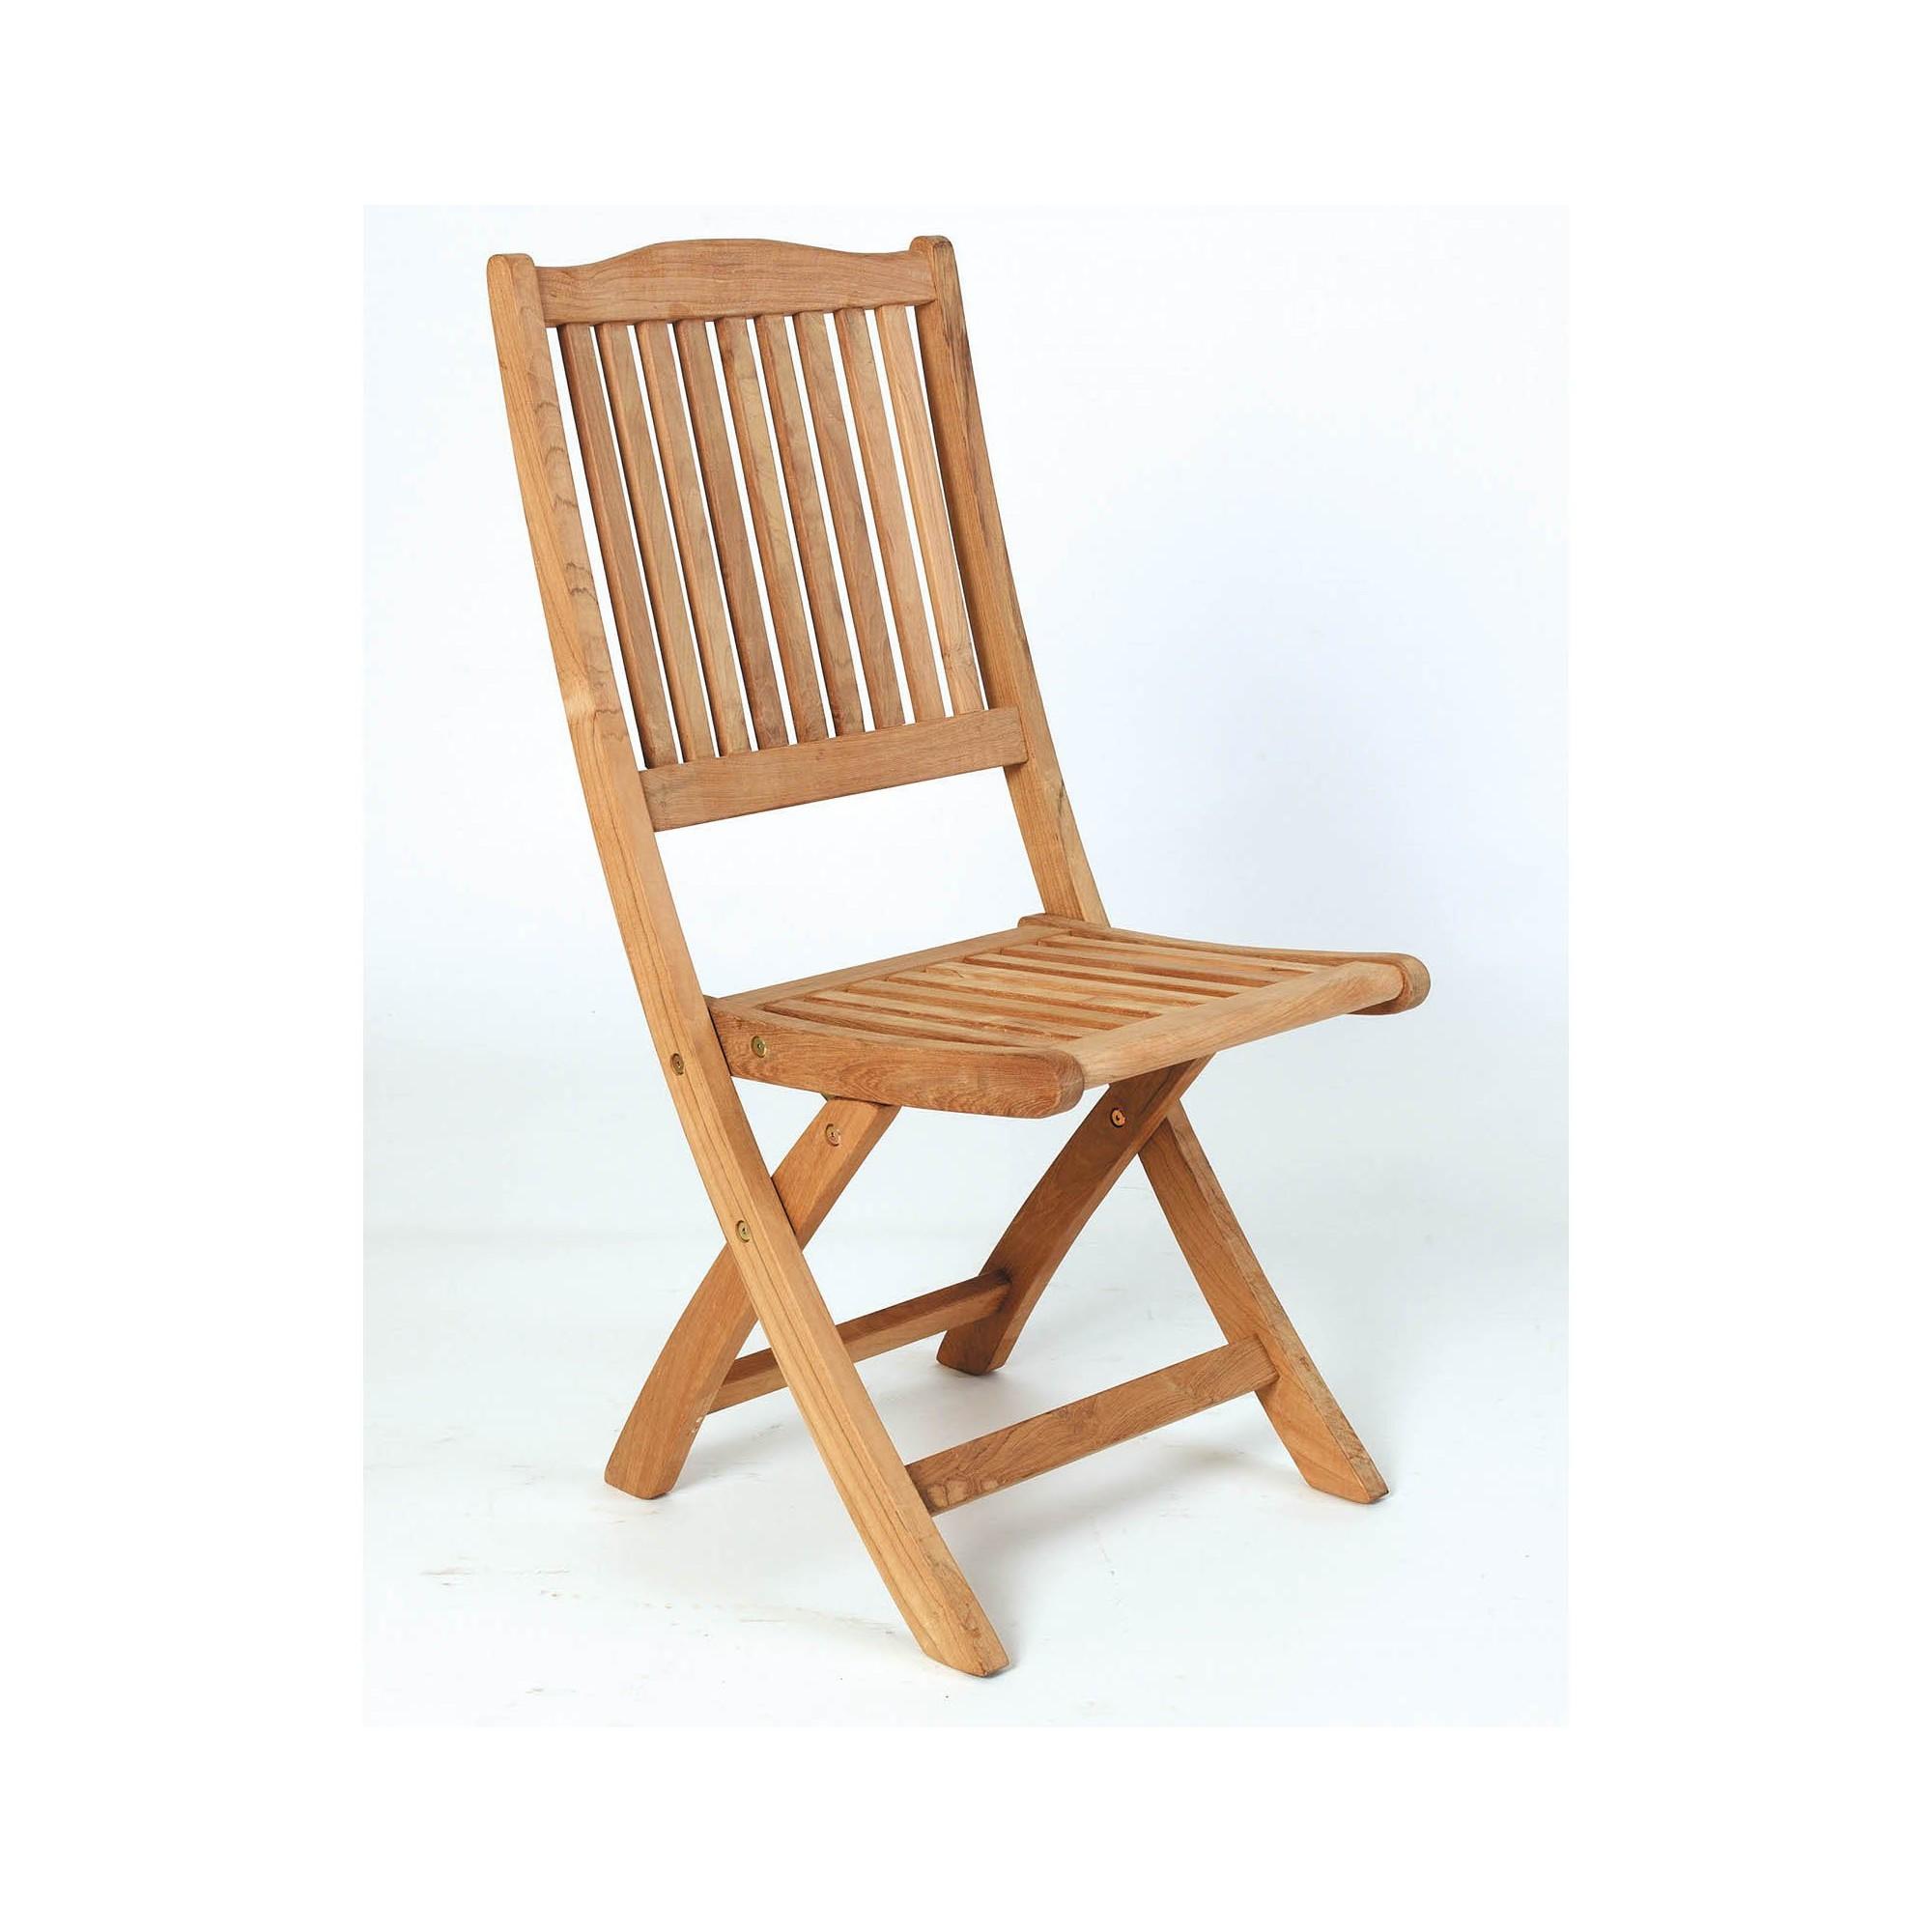 Садовая мебель - кресла,стулья,табуреты, банкетки - стул fil.